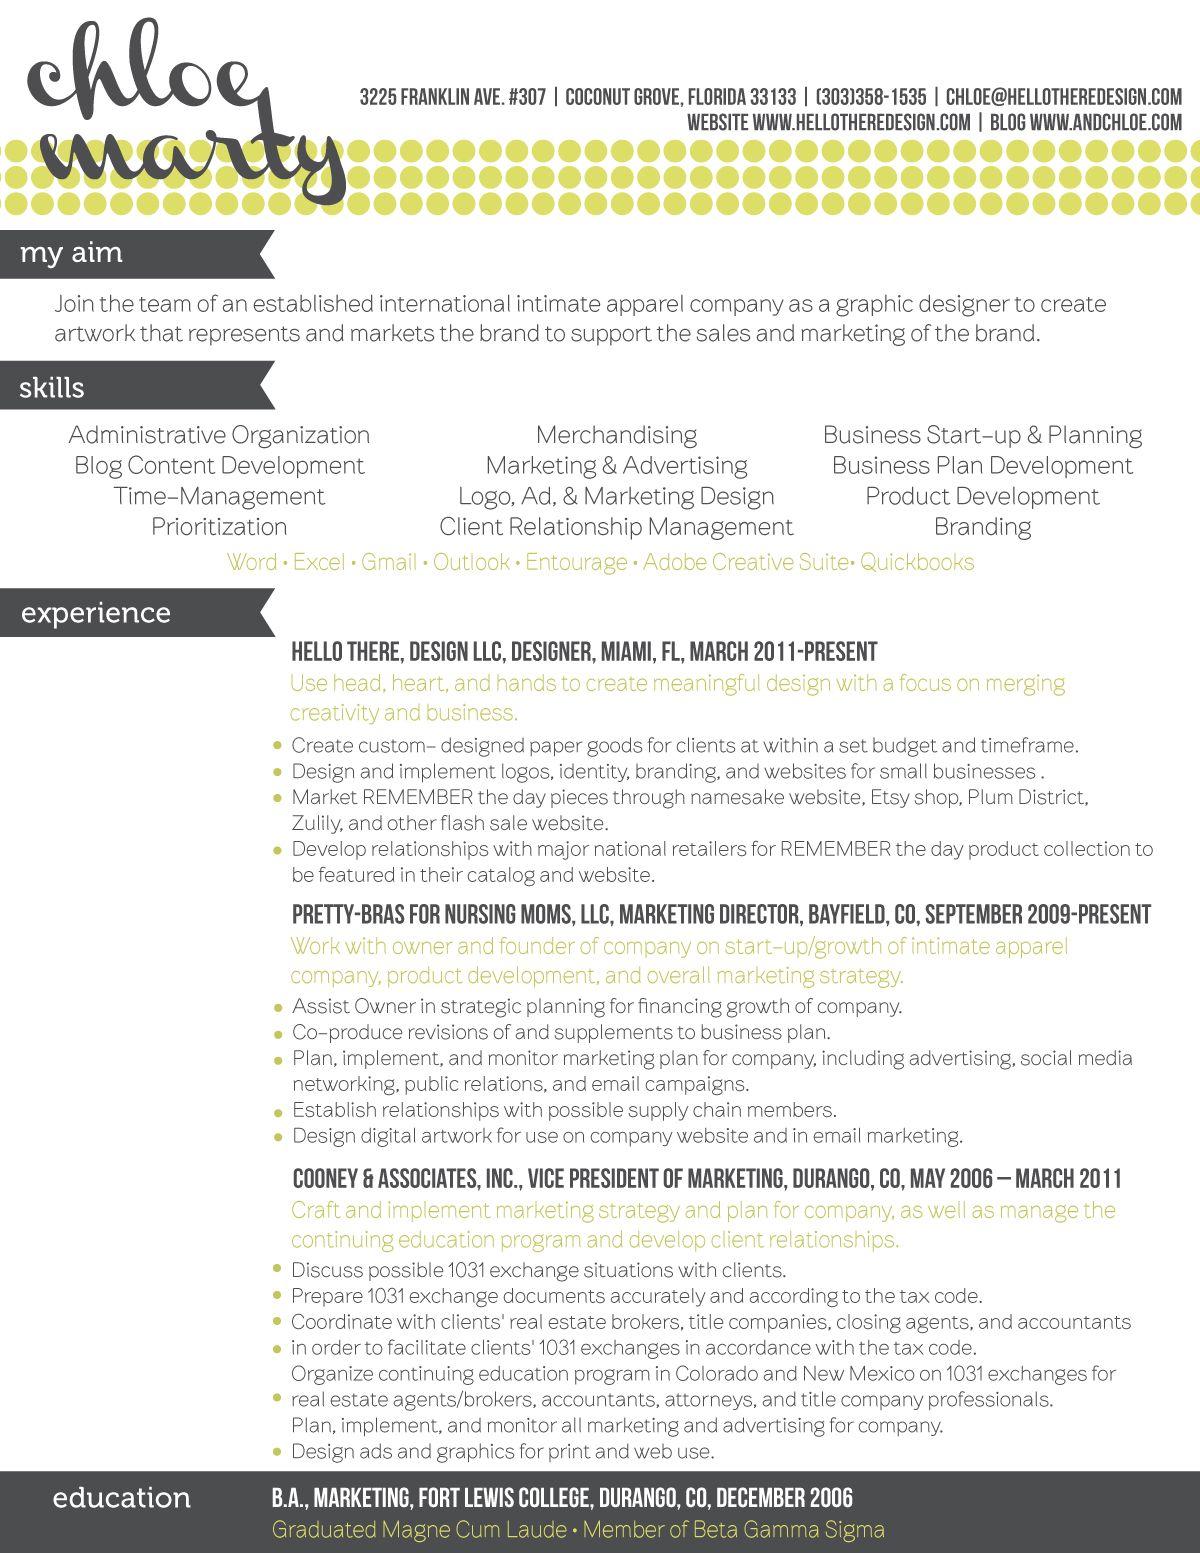 designer resumes  design resumes  webdesign  resumes via